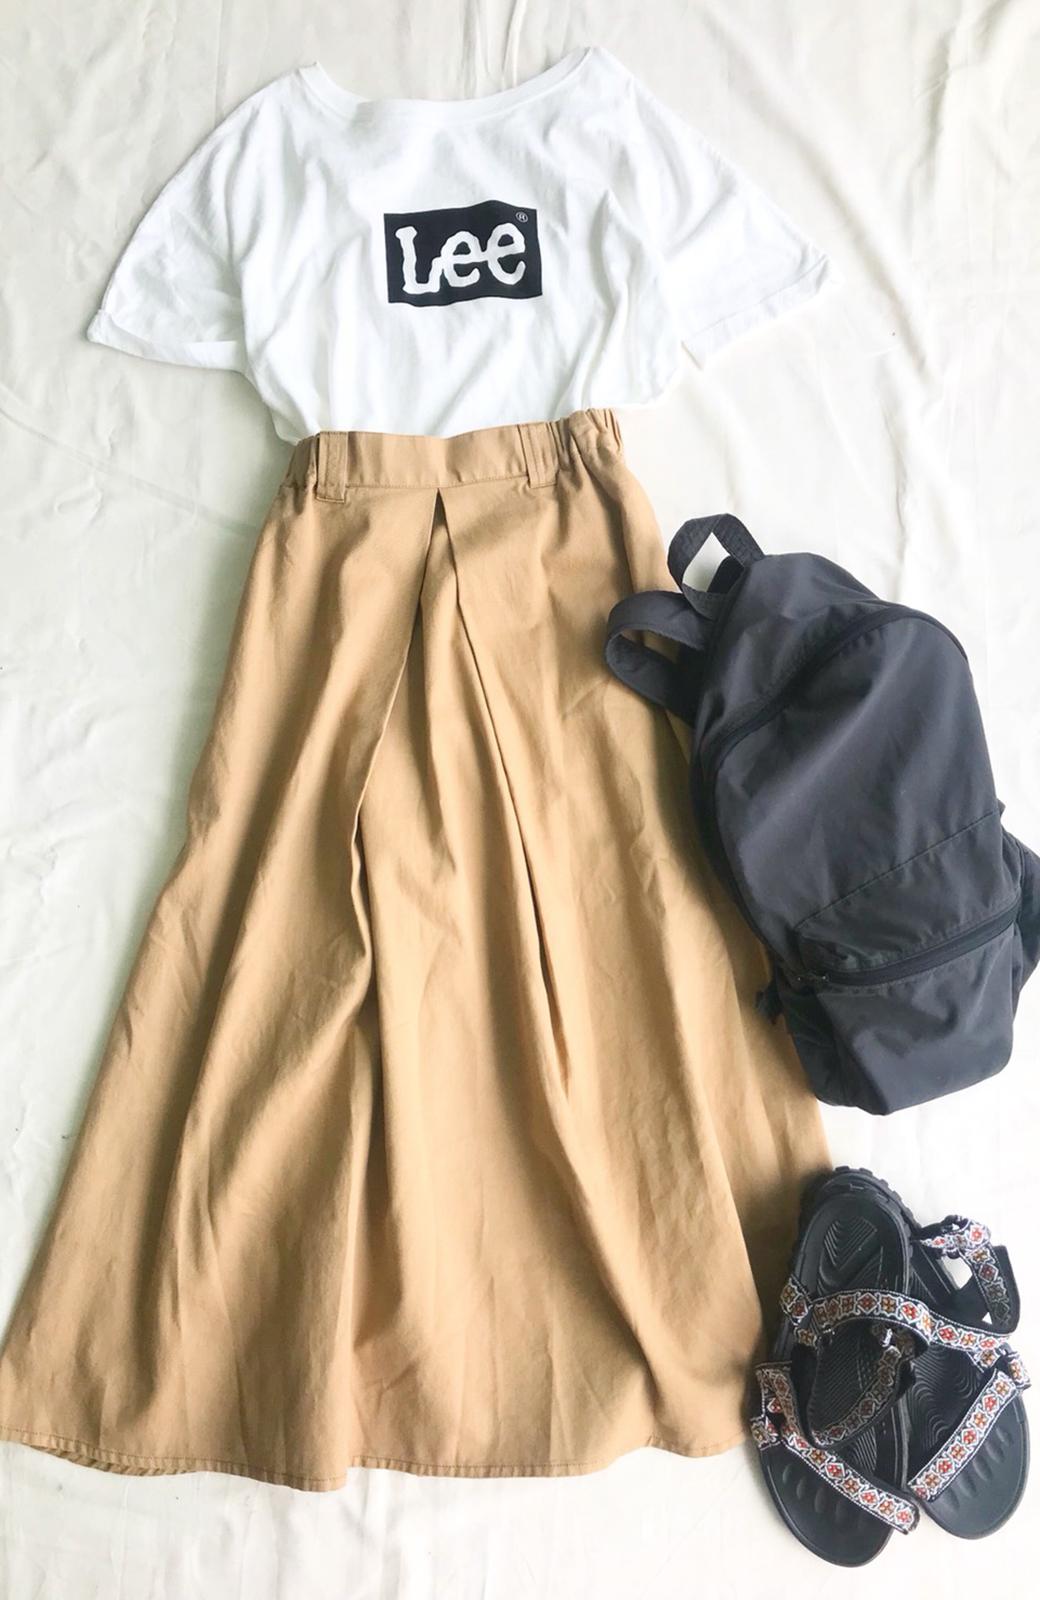 haco! 【スタッフスペシャルセット】ギリギリ女子ミオの夏のコーデに便利!手持ちのTシャツといけるんちゃうかセット  <その他>の商品写真24